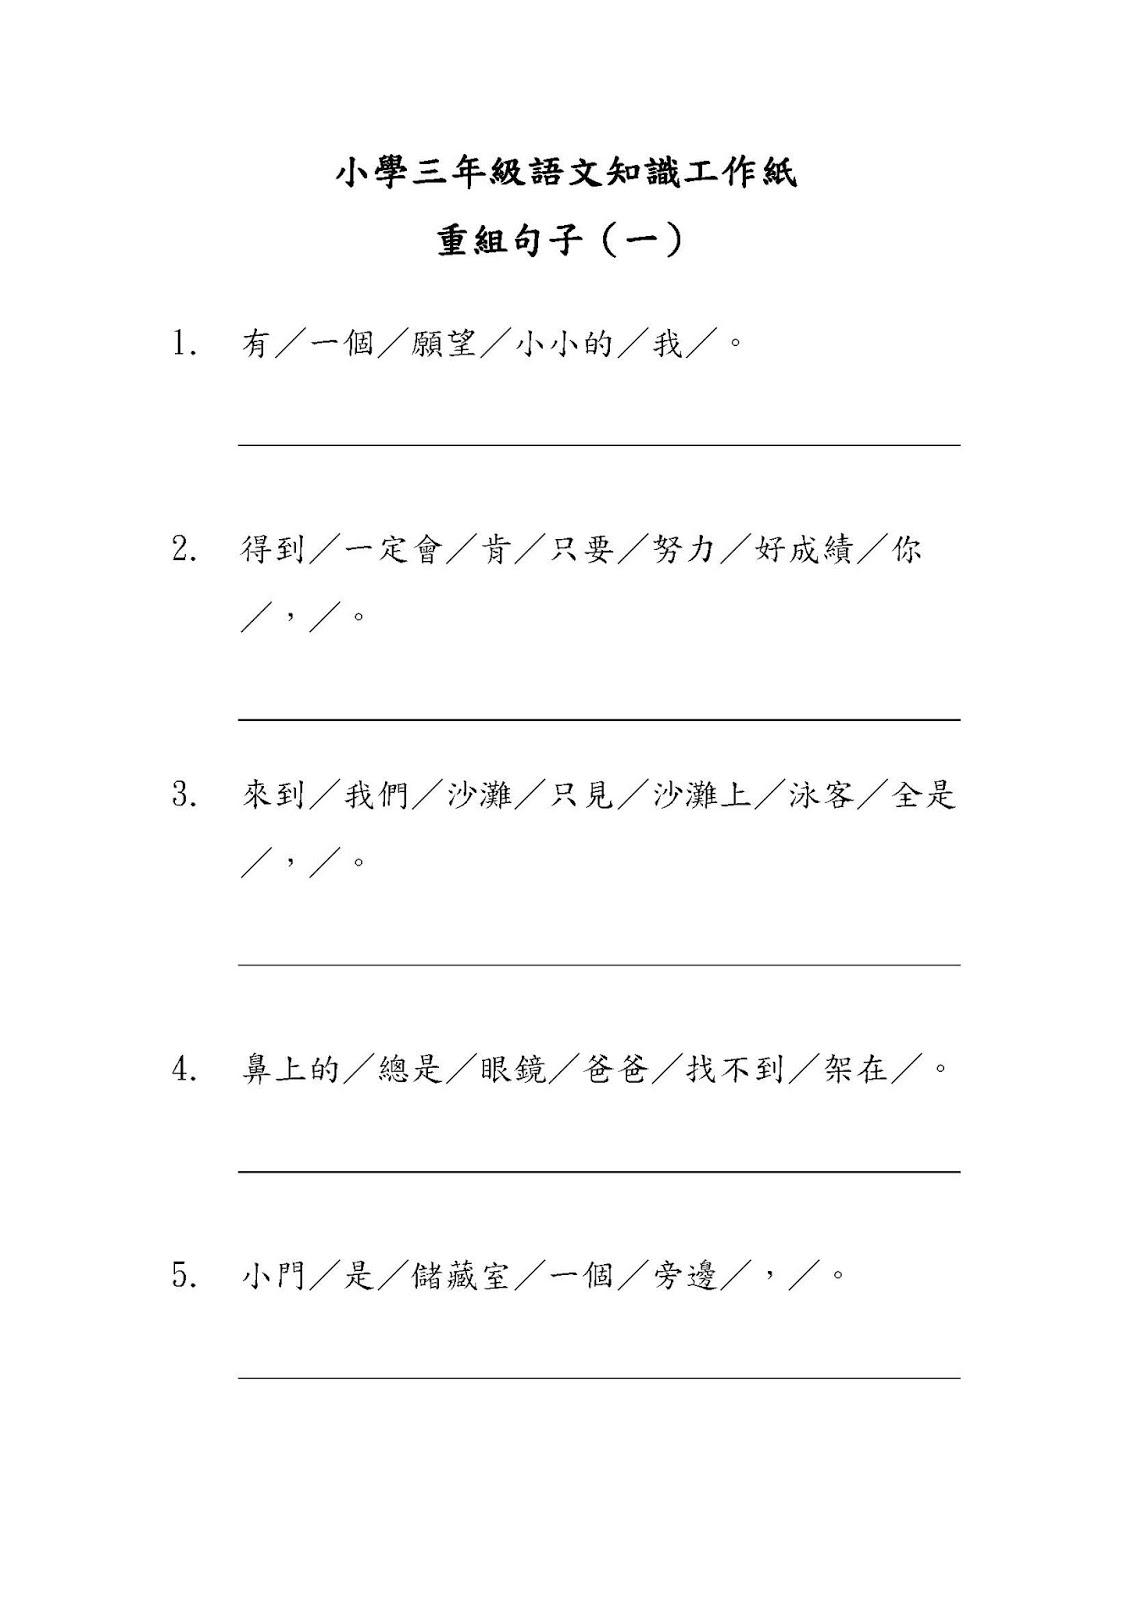 小三語文知識工作紙:重組句子(一)|中文工作紙|尤莉姐姐的反轉學堂